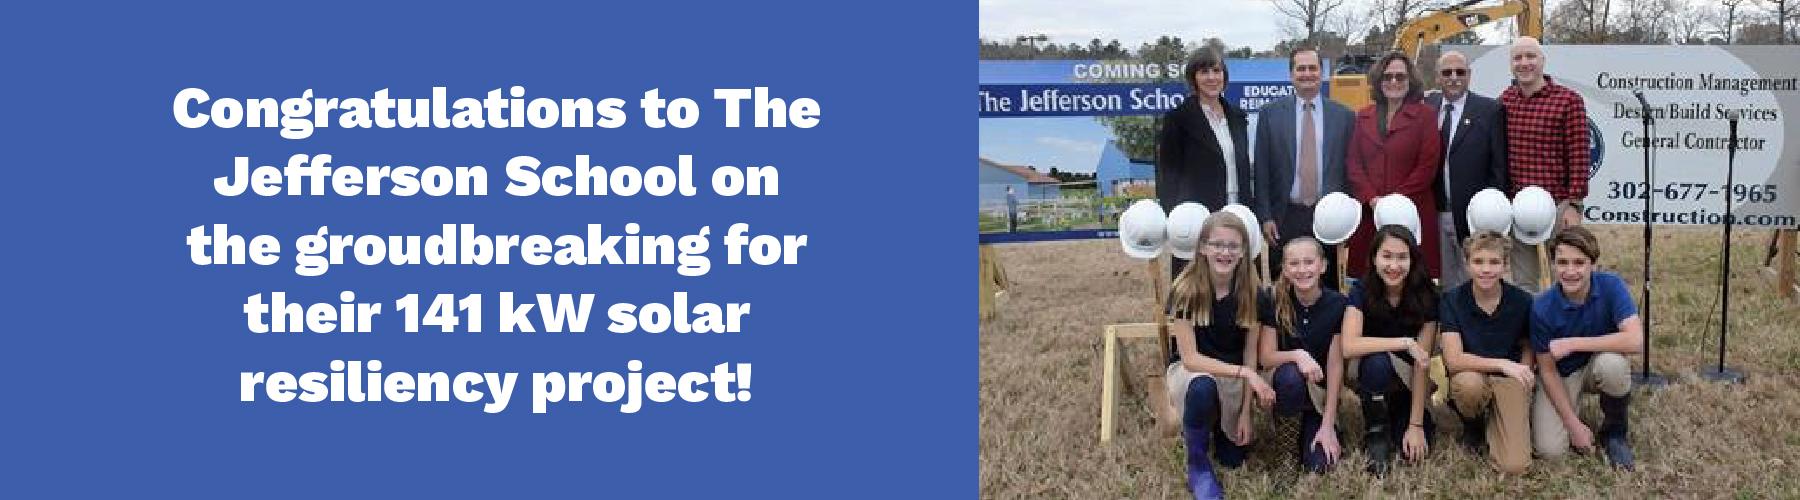 The Jefferson School breaks ground on 141 kW solar resiliency project